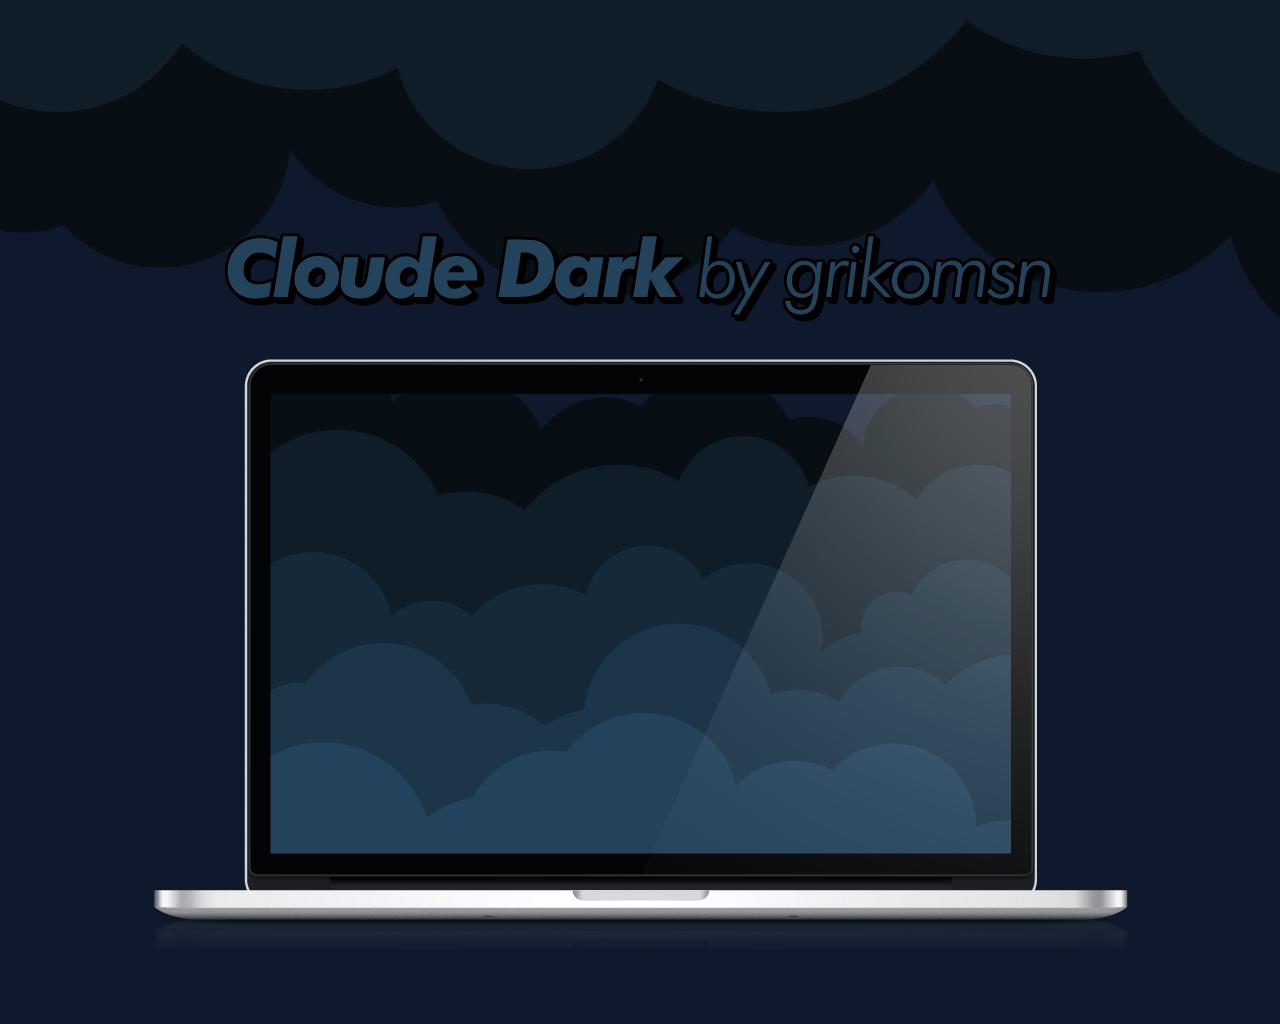 Cloude Dark by grikomsn